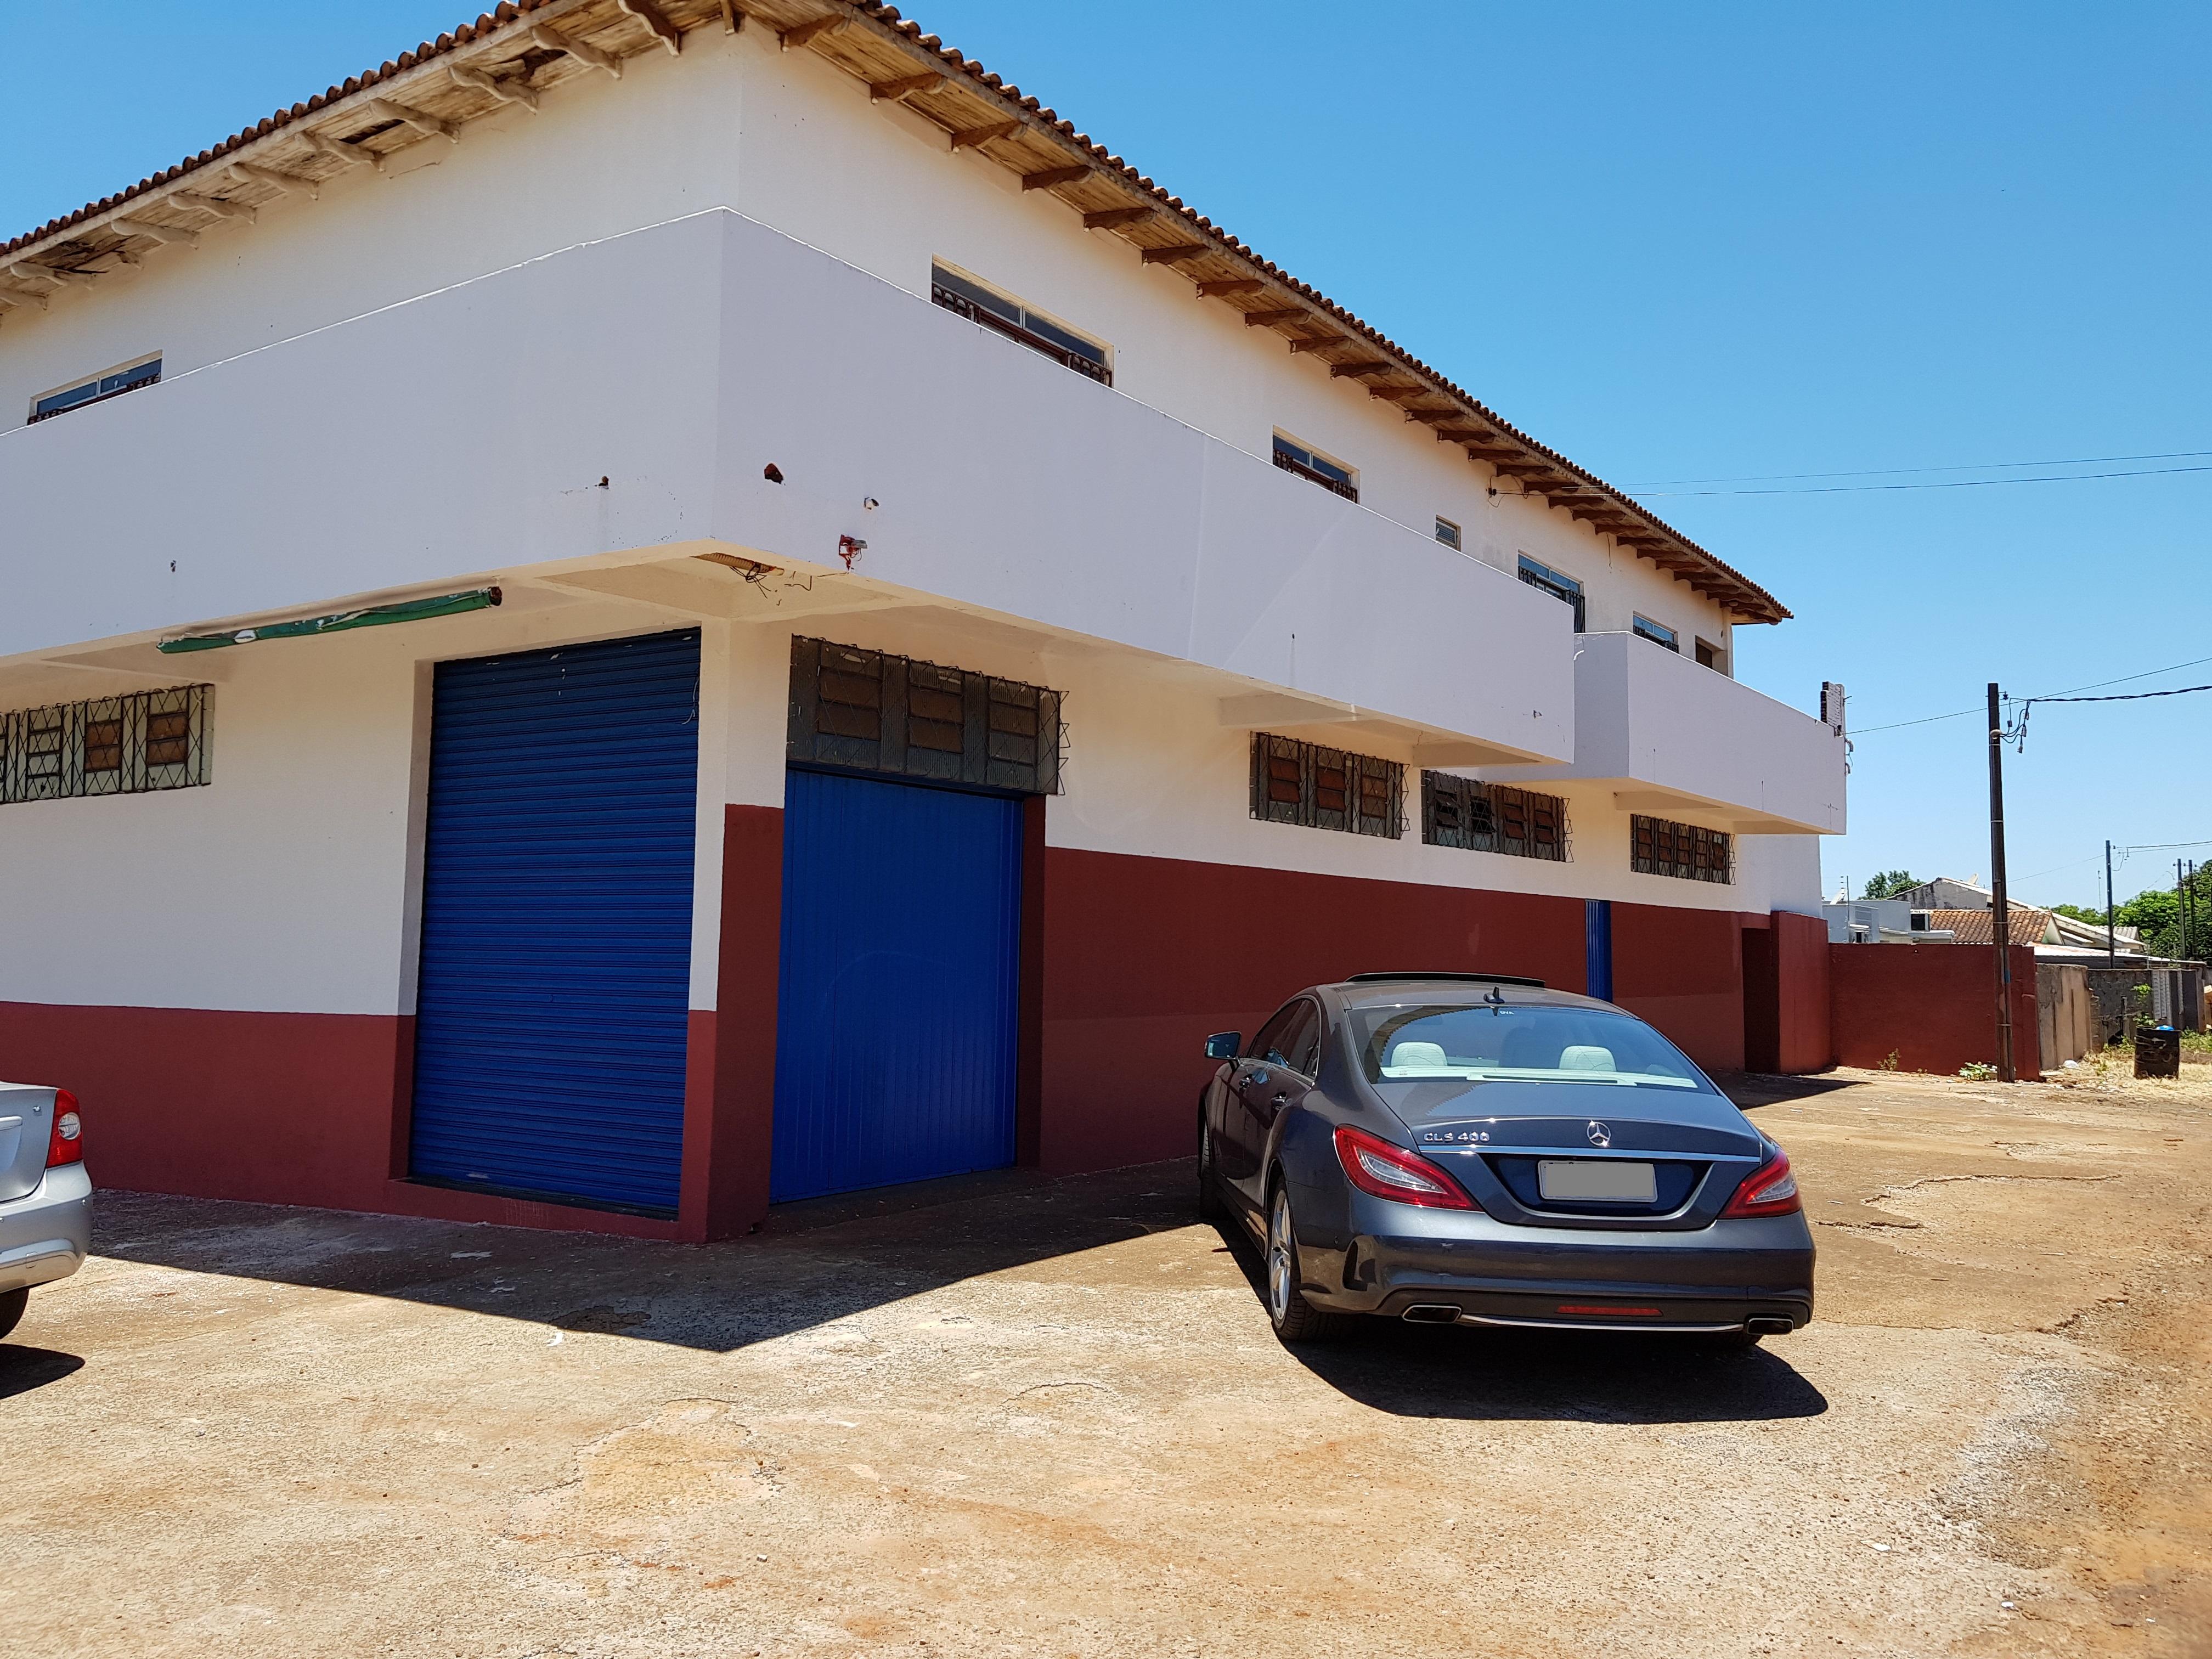 BRA – Imóvel comercial e residencial em Foz do Iguaçu – PR